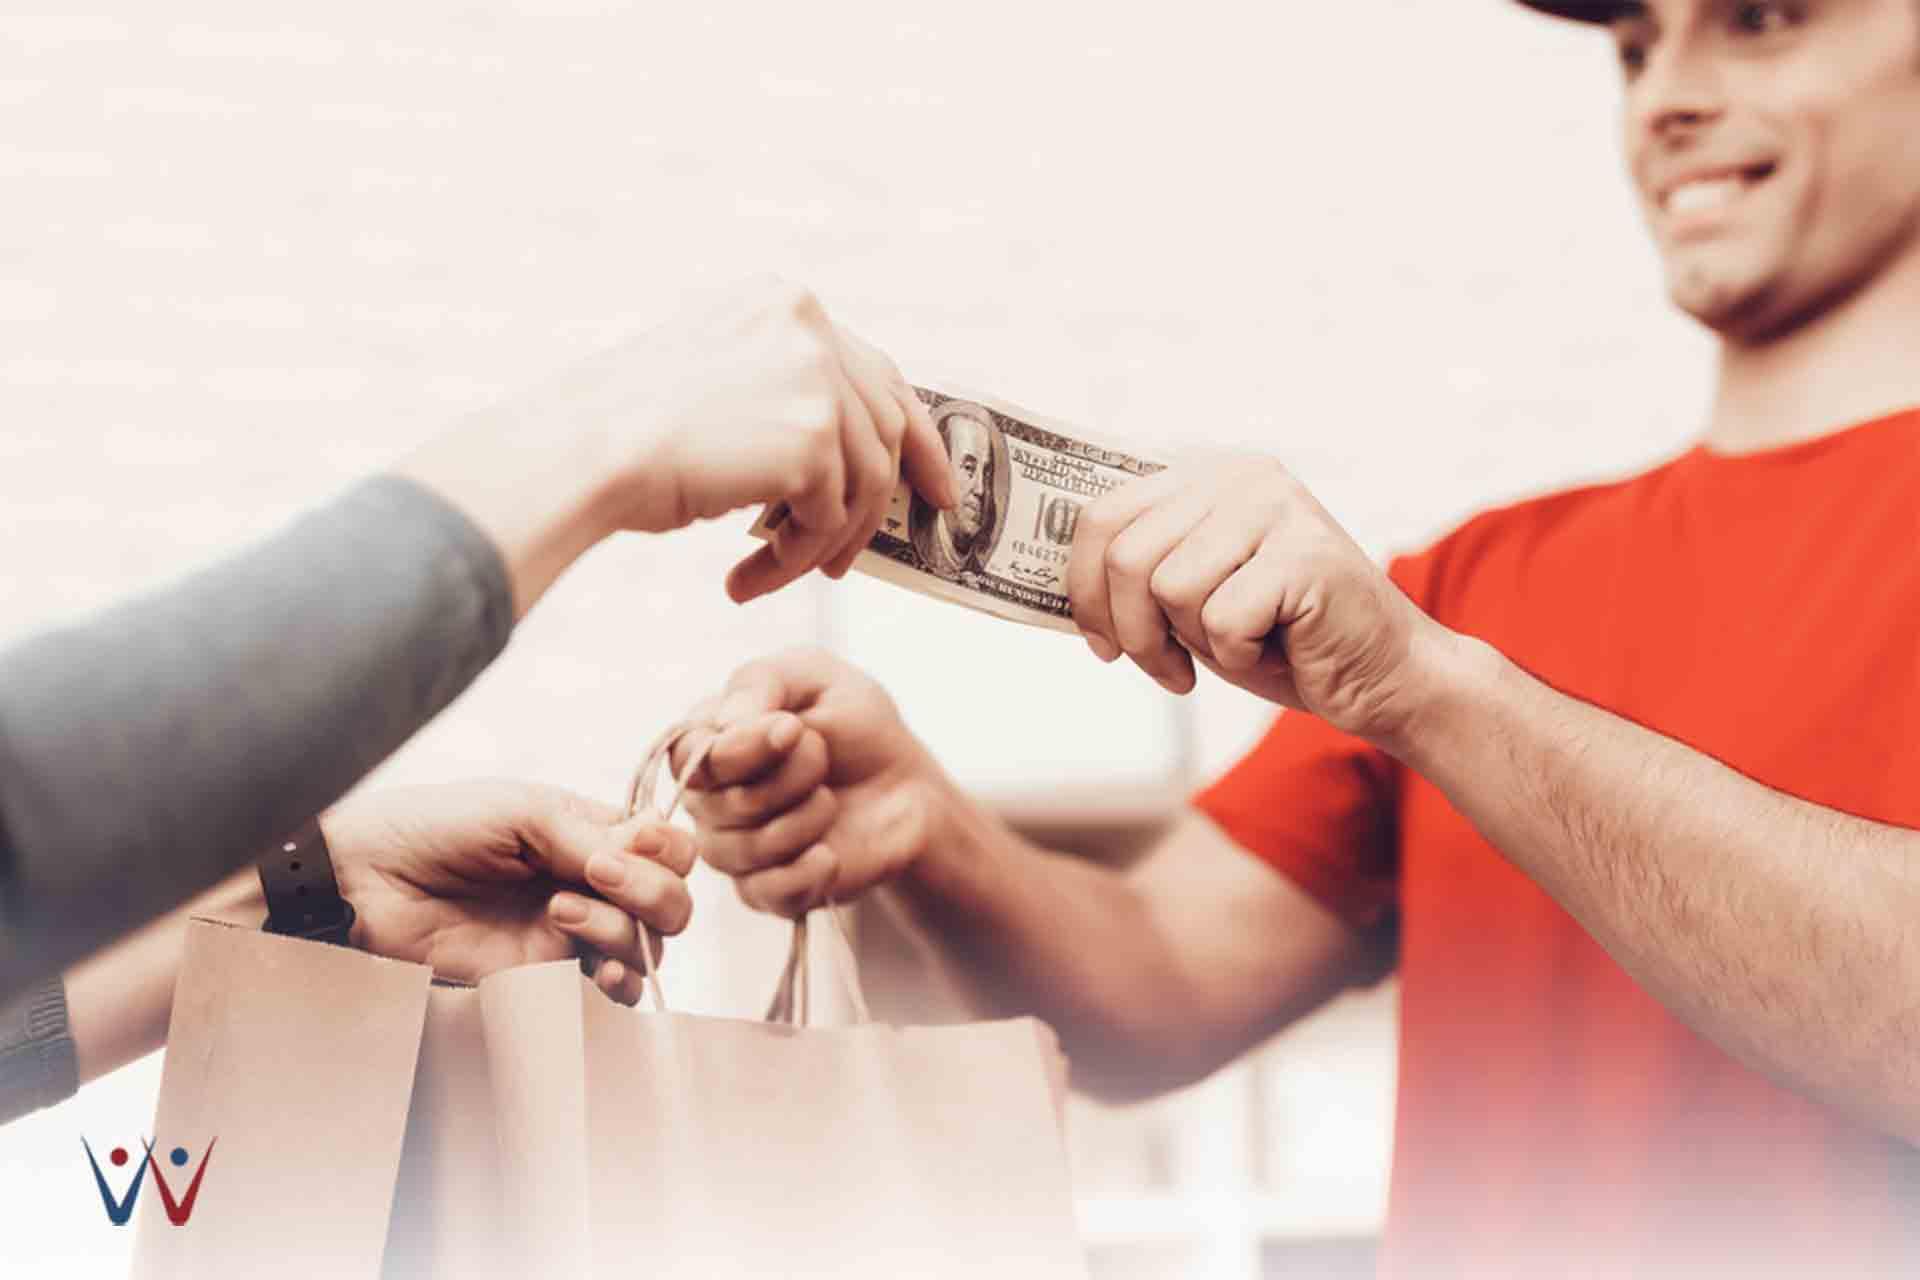 Tipe Pembeli Online di Indonesia, Kamu Termasuk yang Mana?